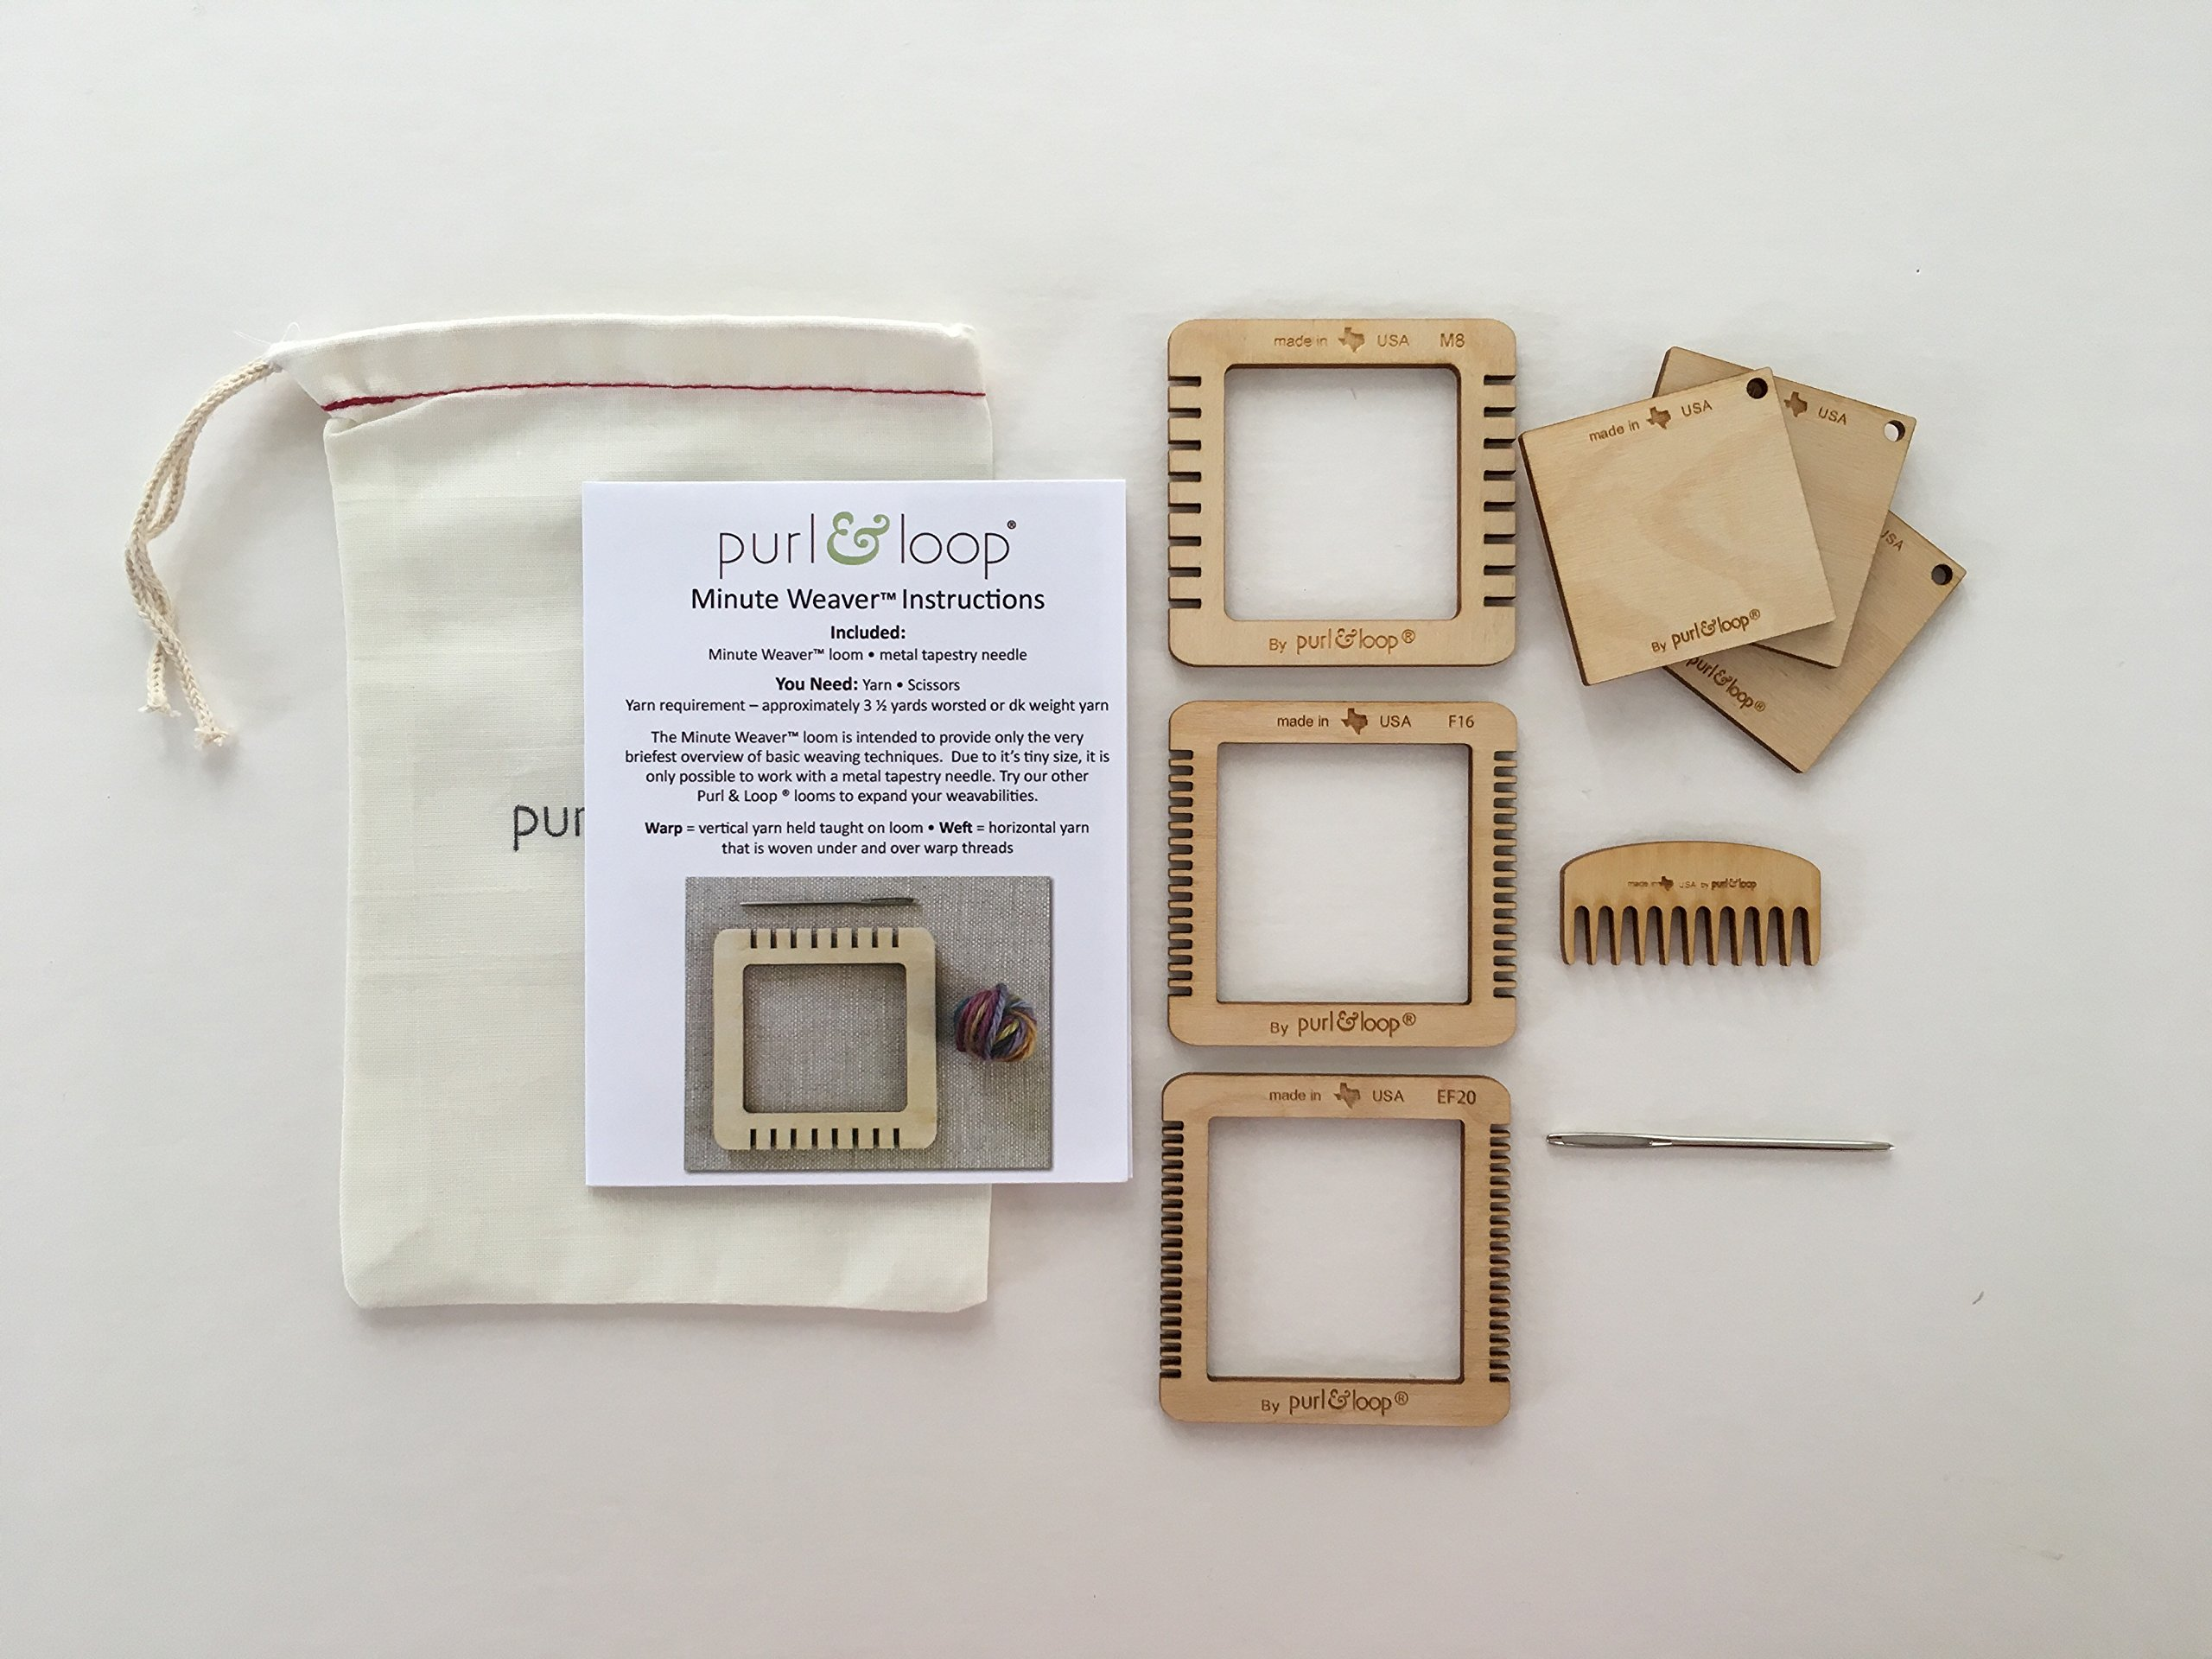 Purl & Loop Minute Weaver Loom, Set of All 3 Minute Weavers by Purl & Loop